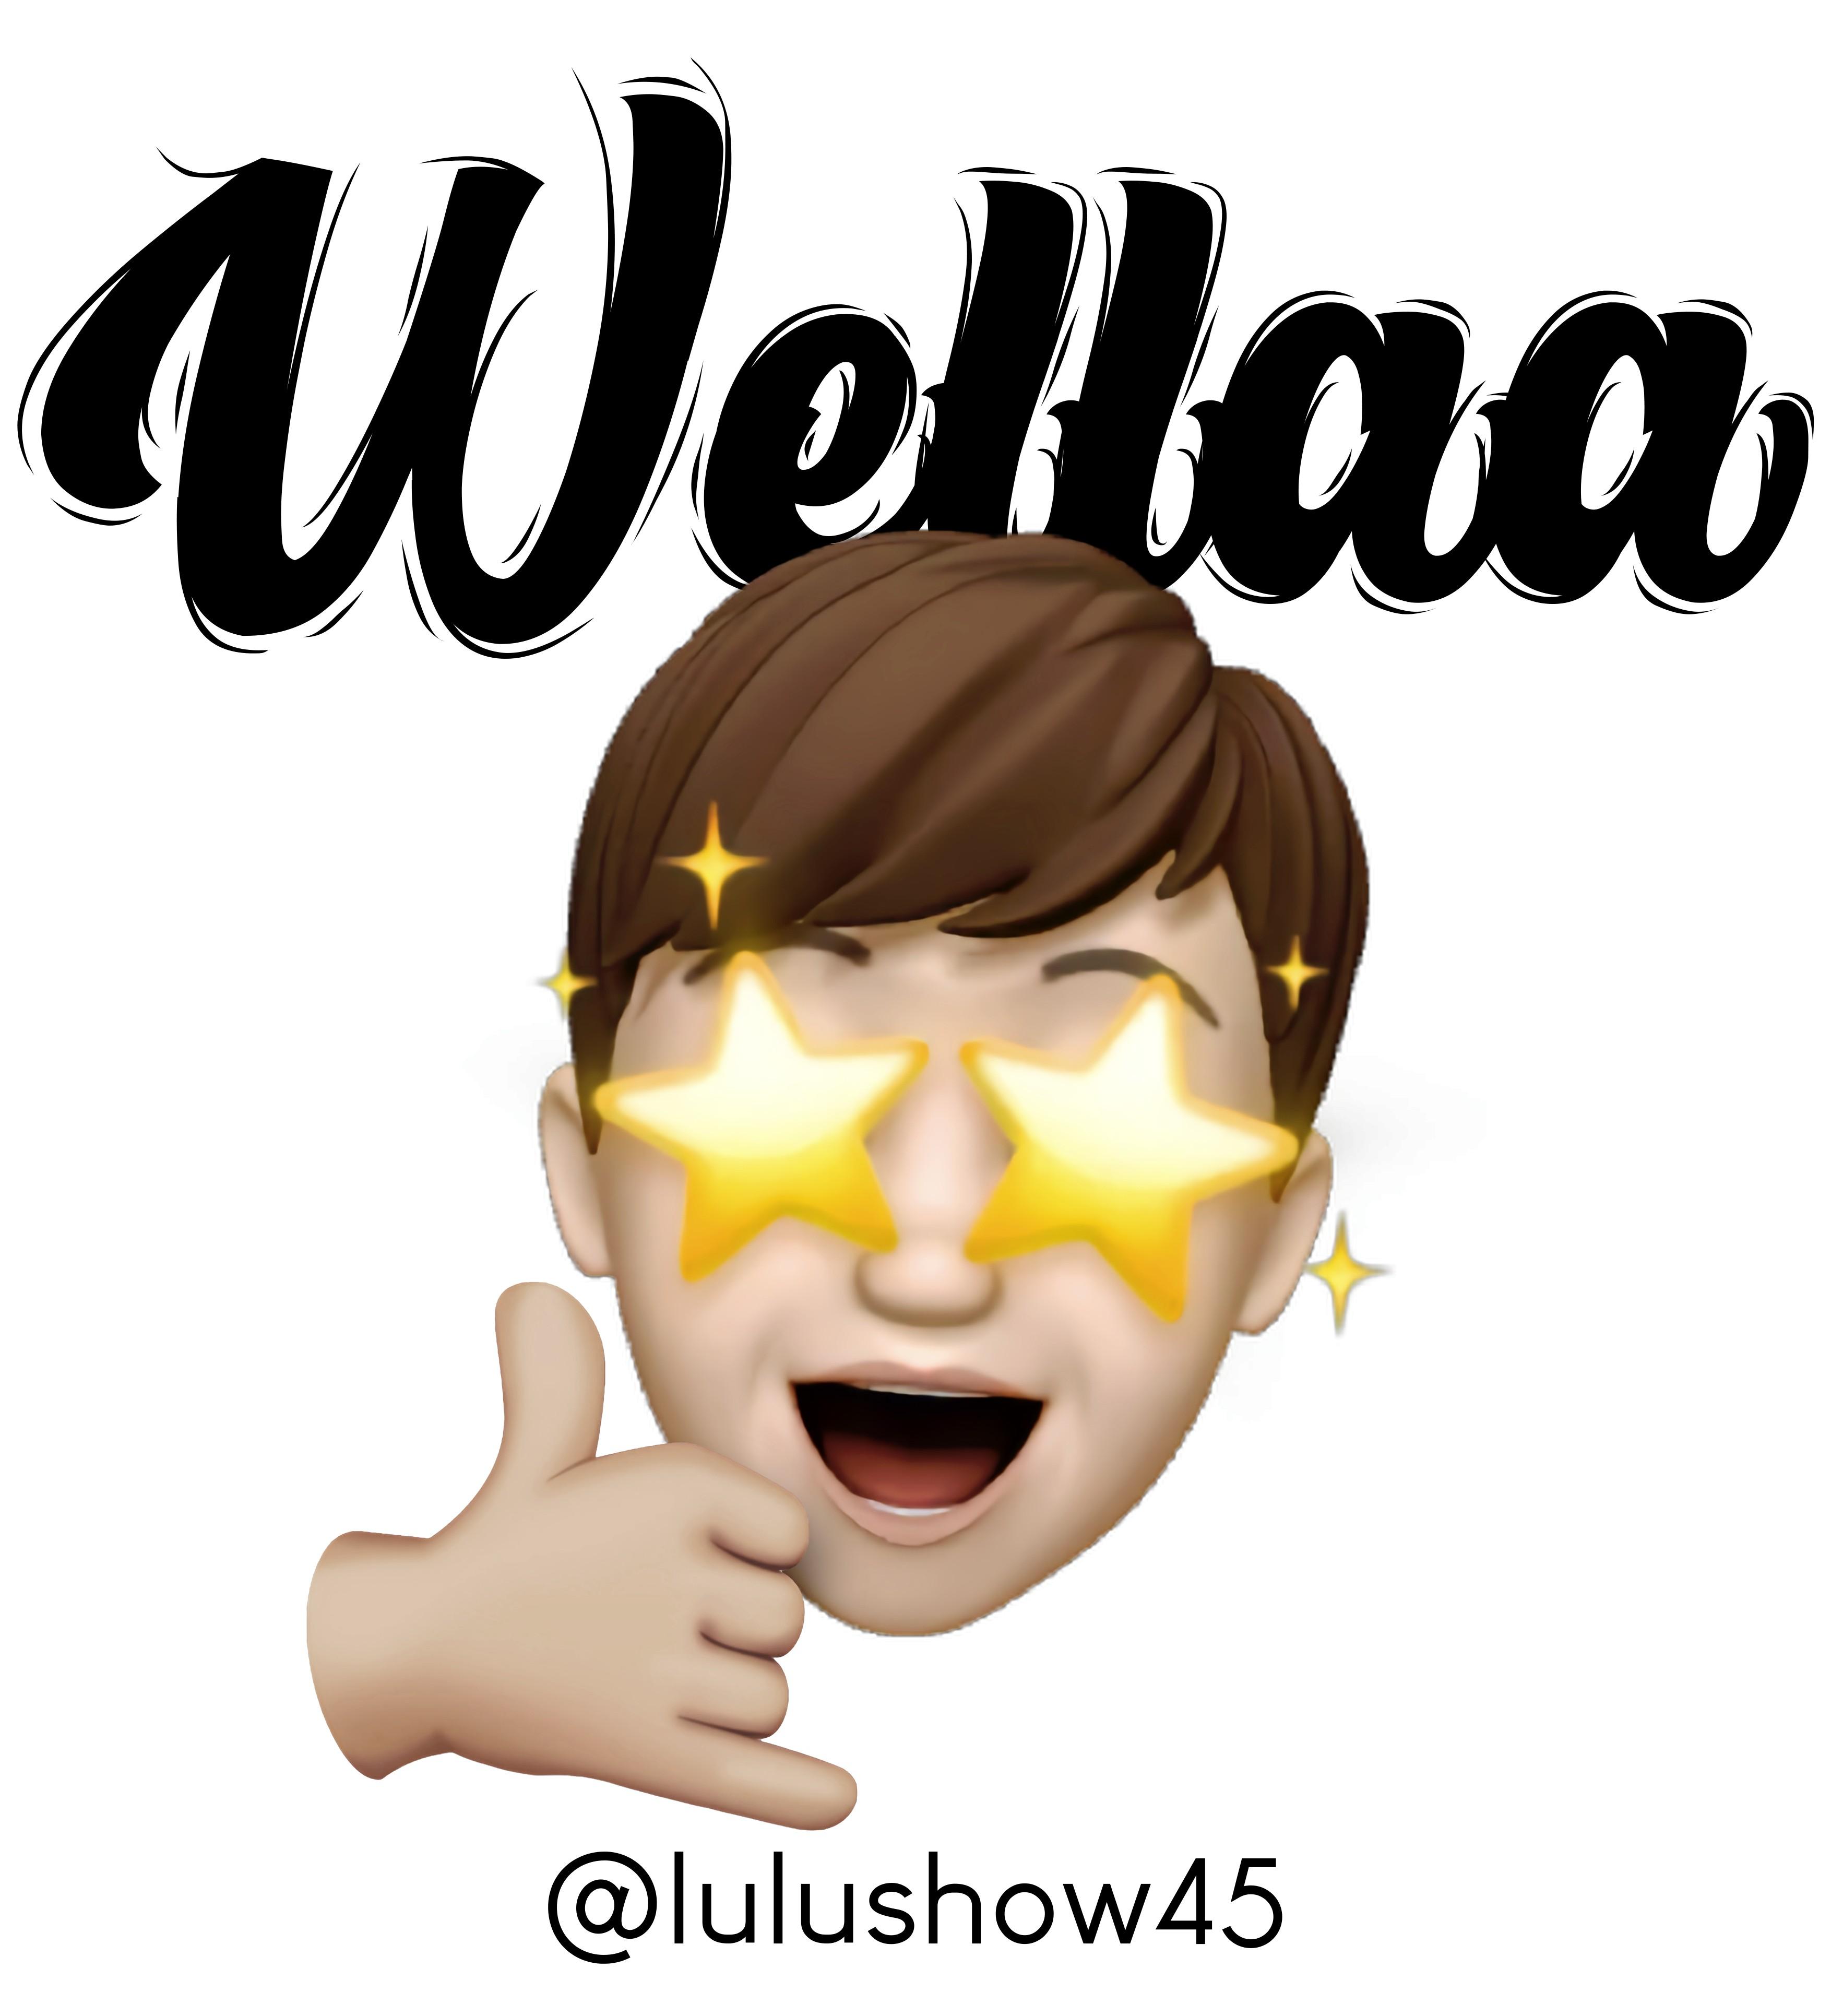 Wellaa